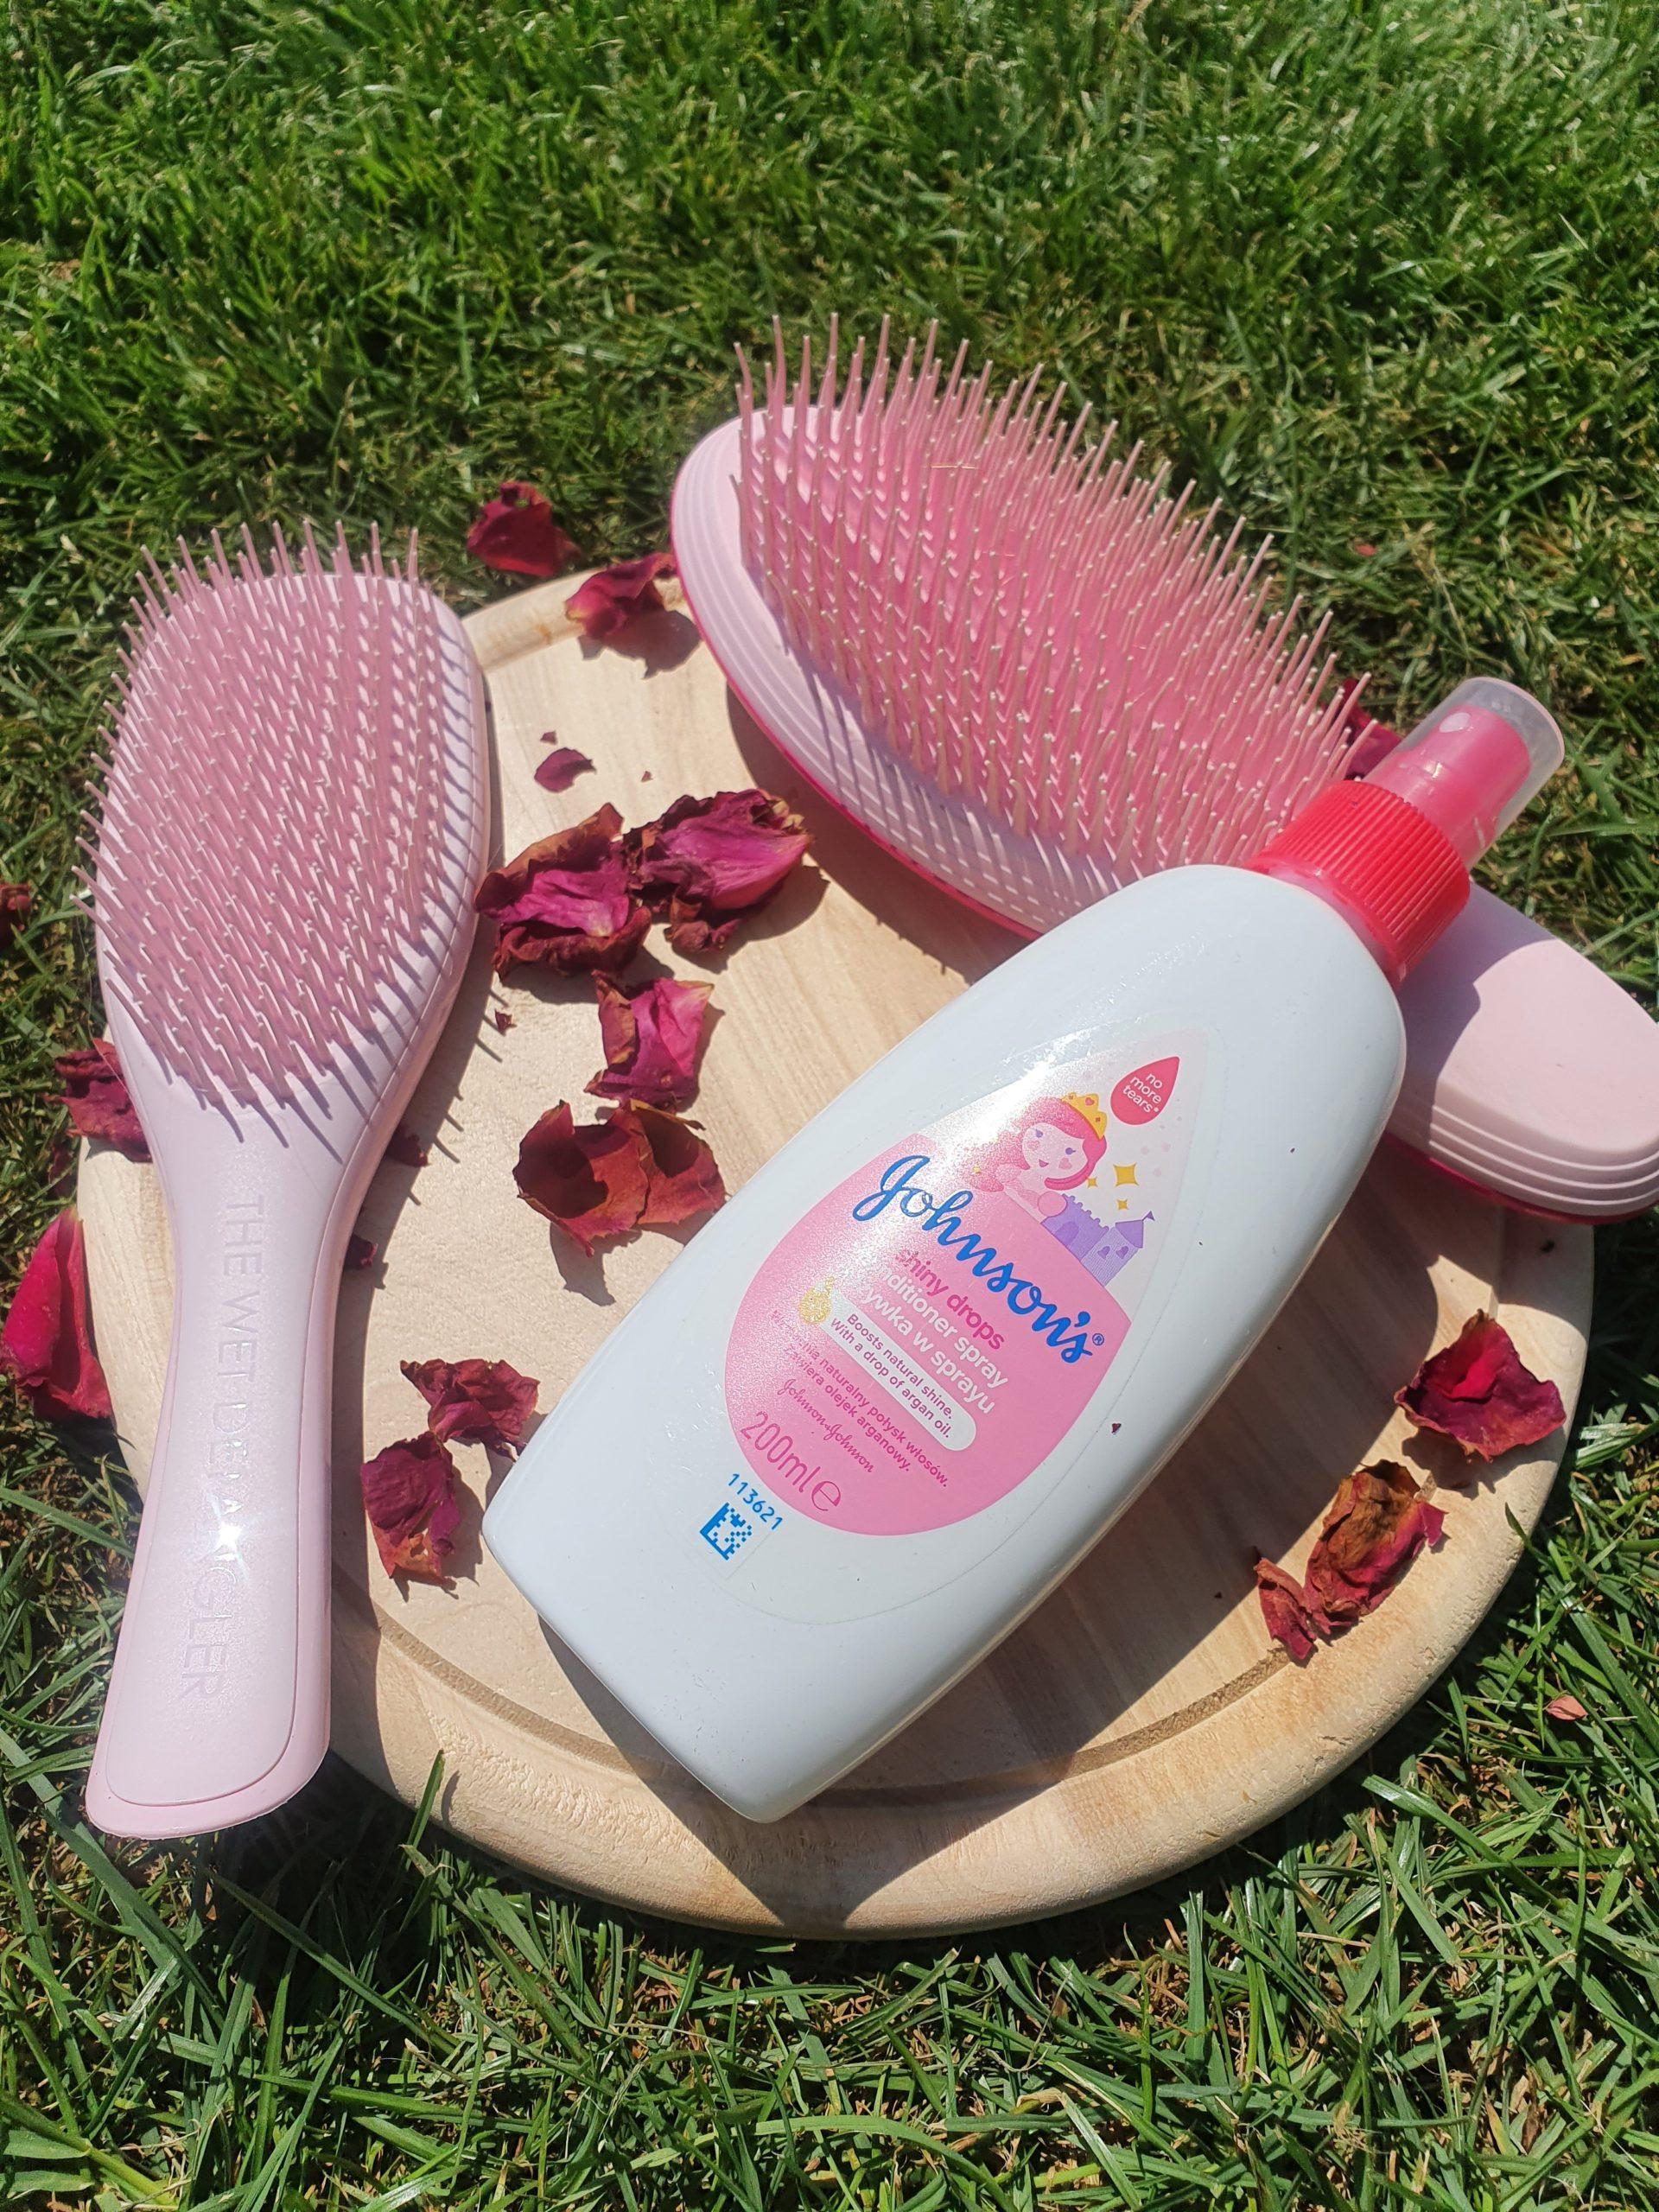 Meine Must Haves zum Thema Haare Kämmen: Bürsten von Tangle Teezer und Kämmspray für Kinder.